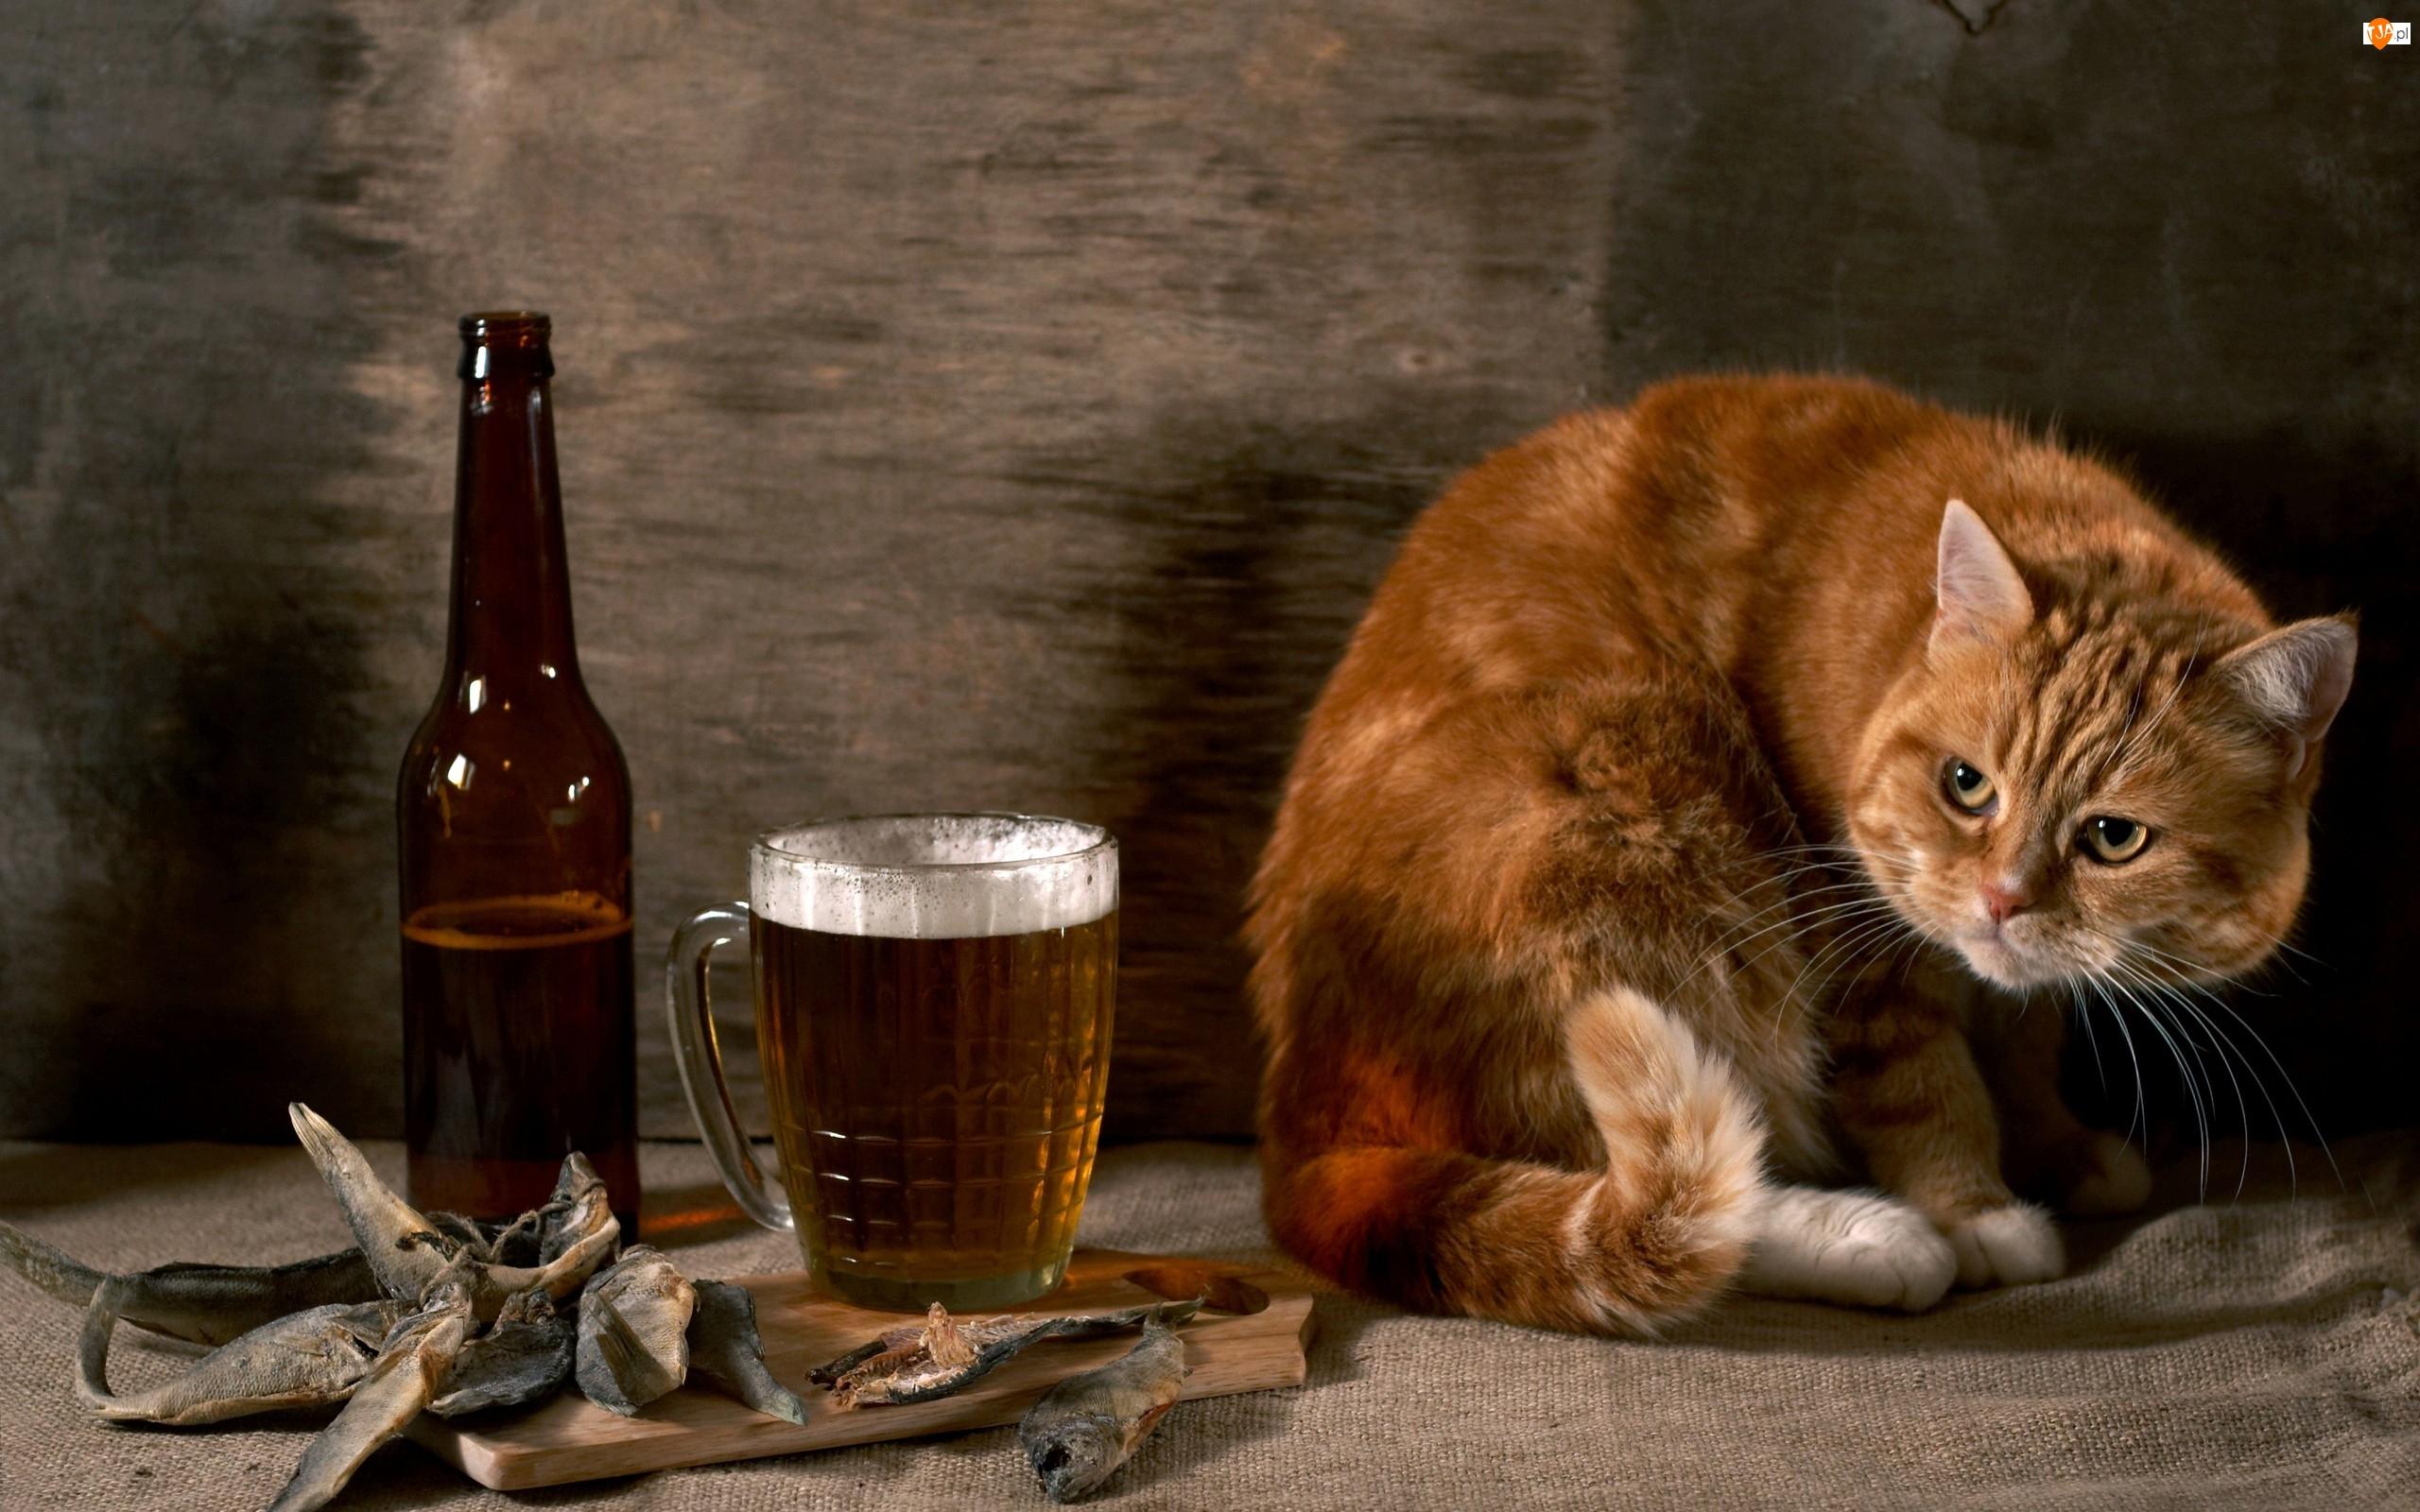 Piwo, Suszone, Rudy, Rybki, Kot, Butelka